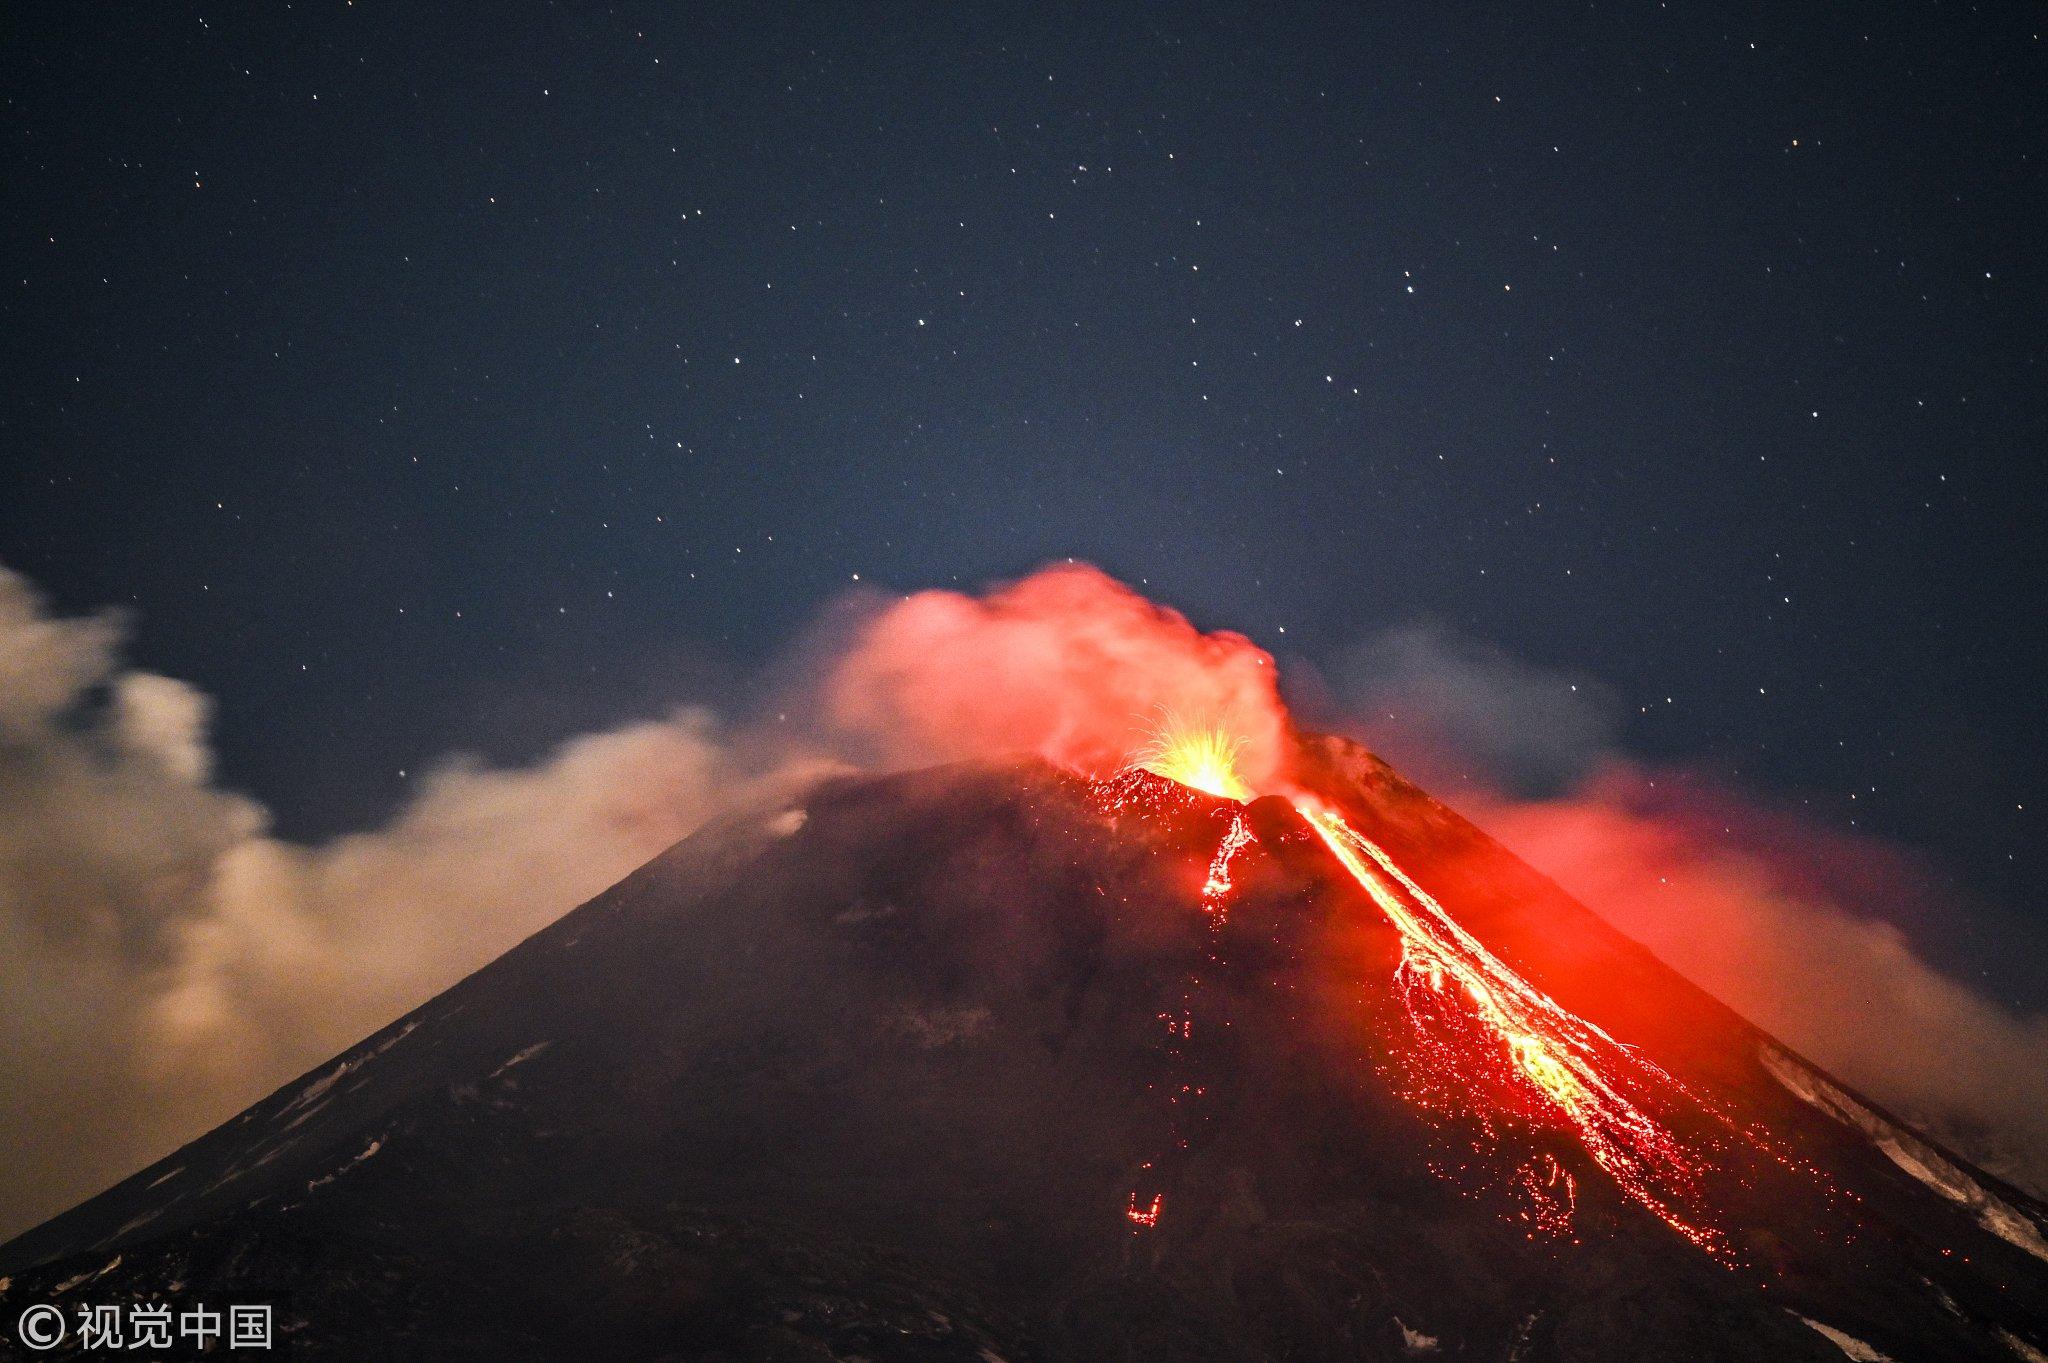 вас действие вулкана картинка того чтобы достичь